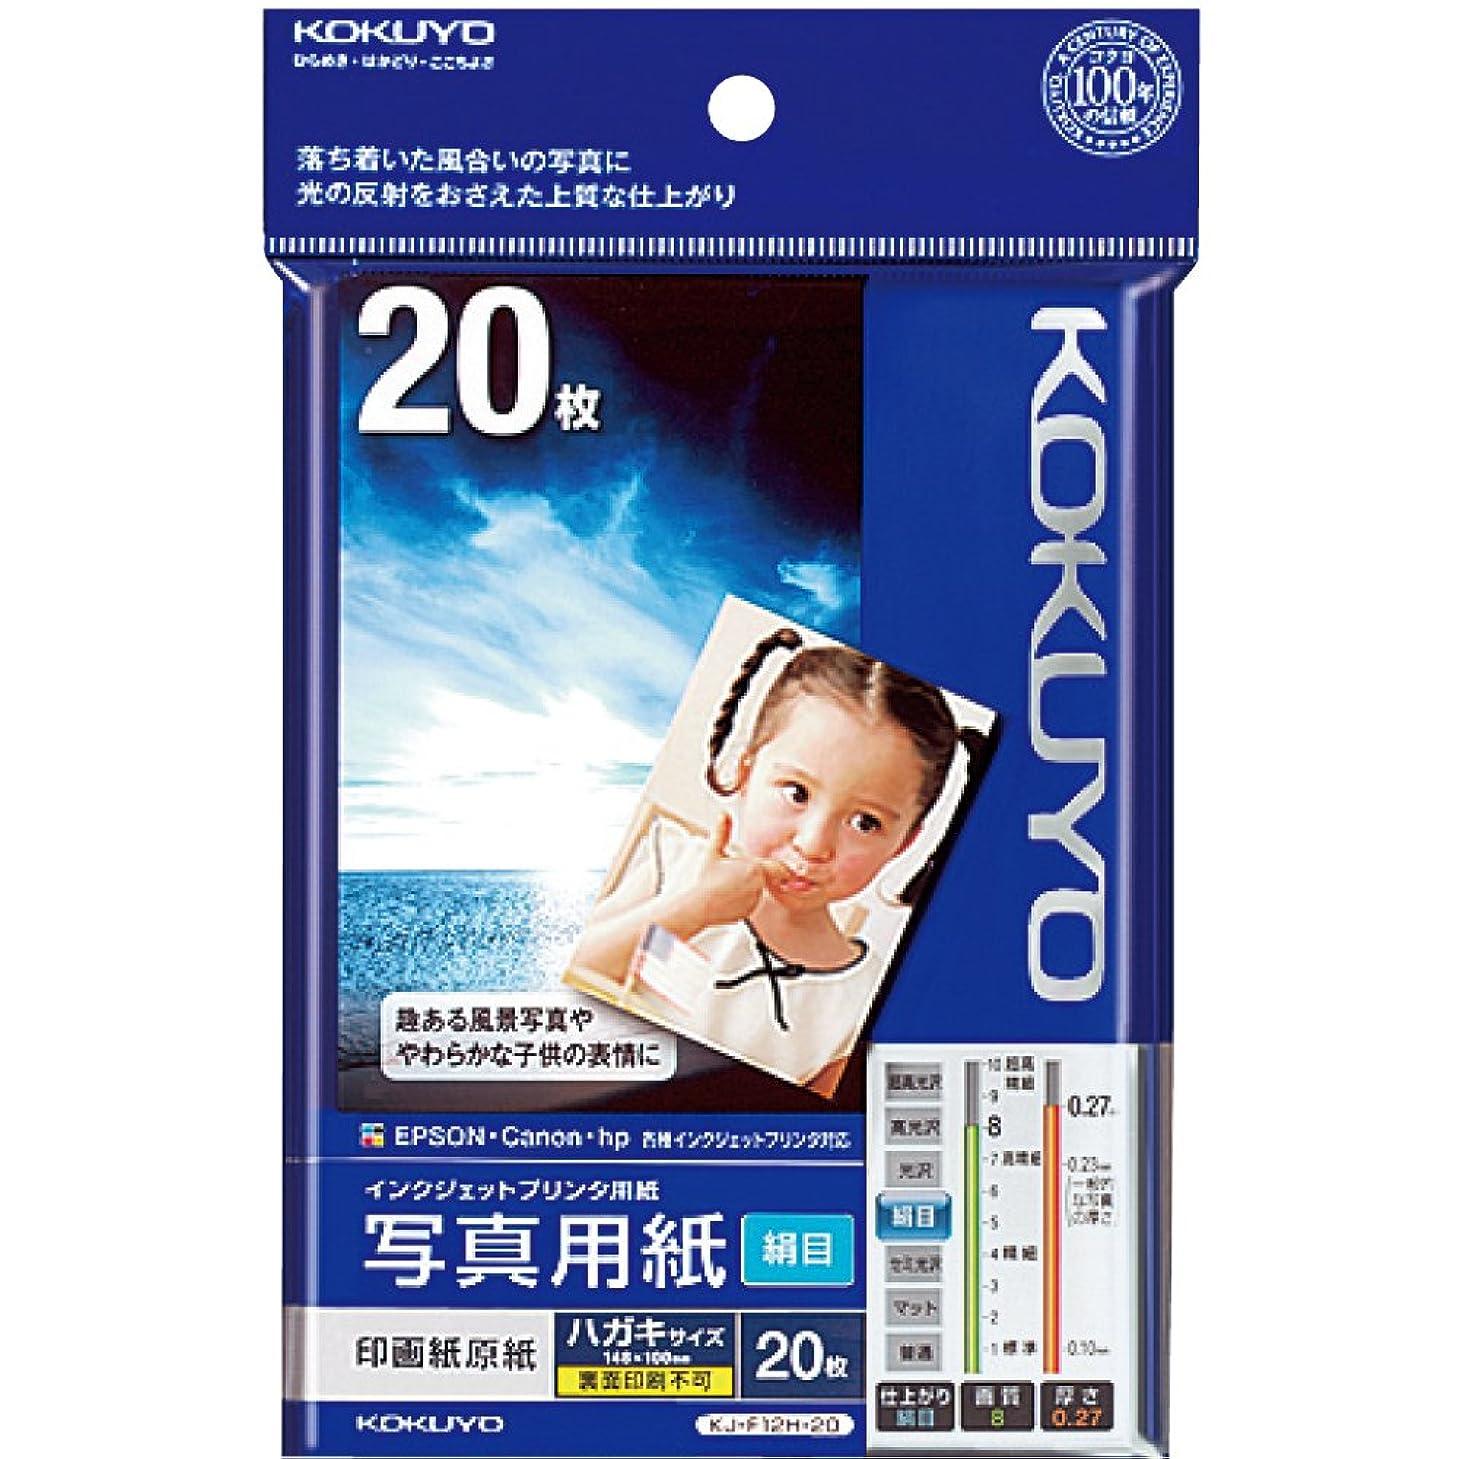 ジョグたっぷりオーラルコクヨ インクジェット 写真用紙 印画紙原紙 絹目 ハガキ 20枚 KJ-F12H-20